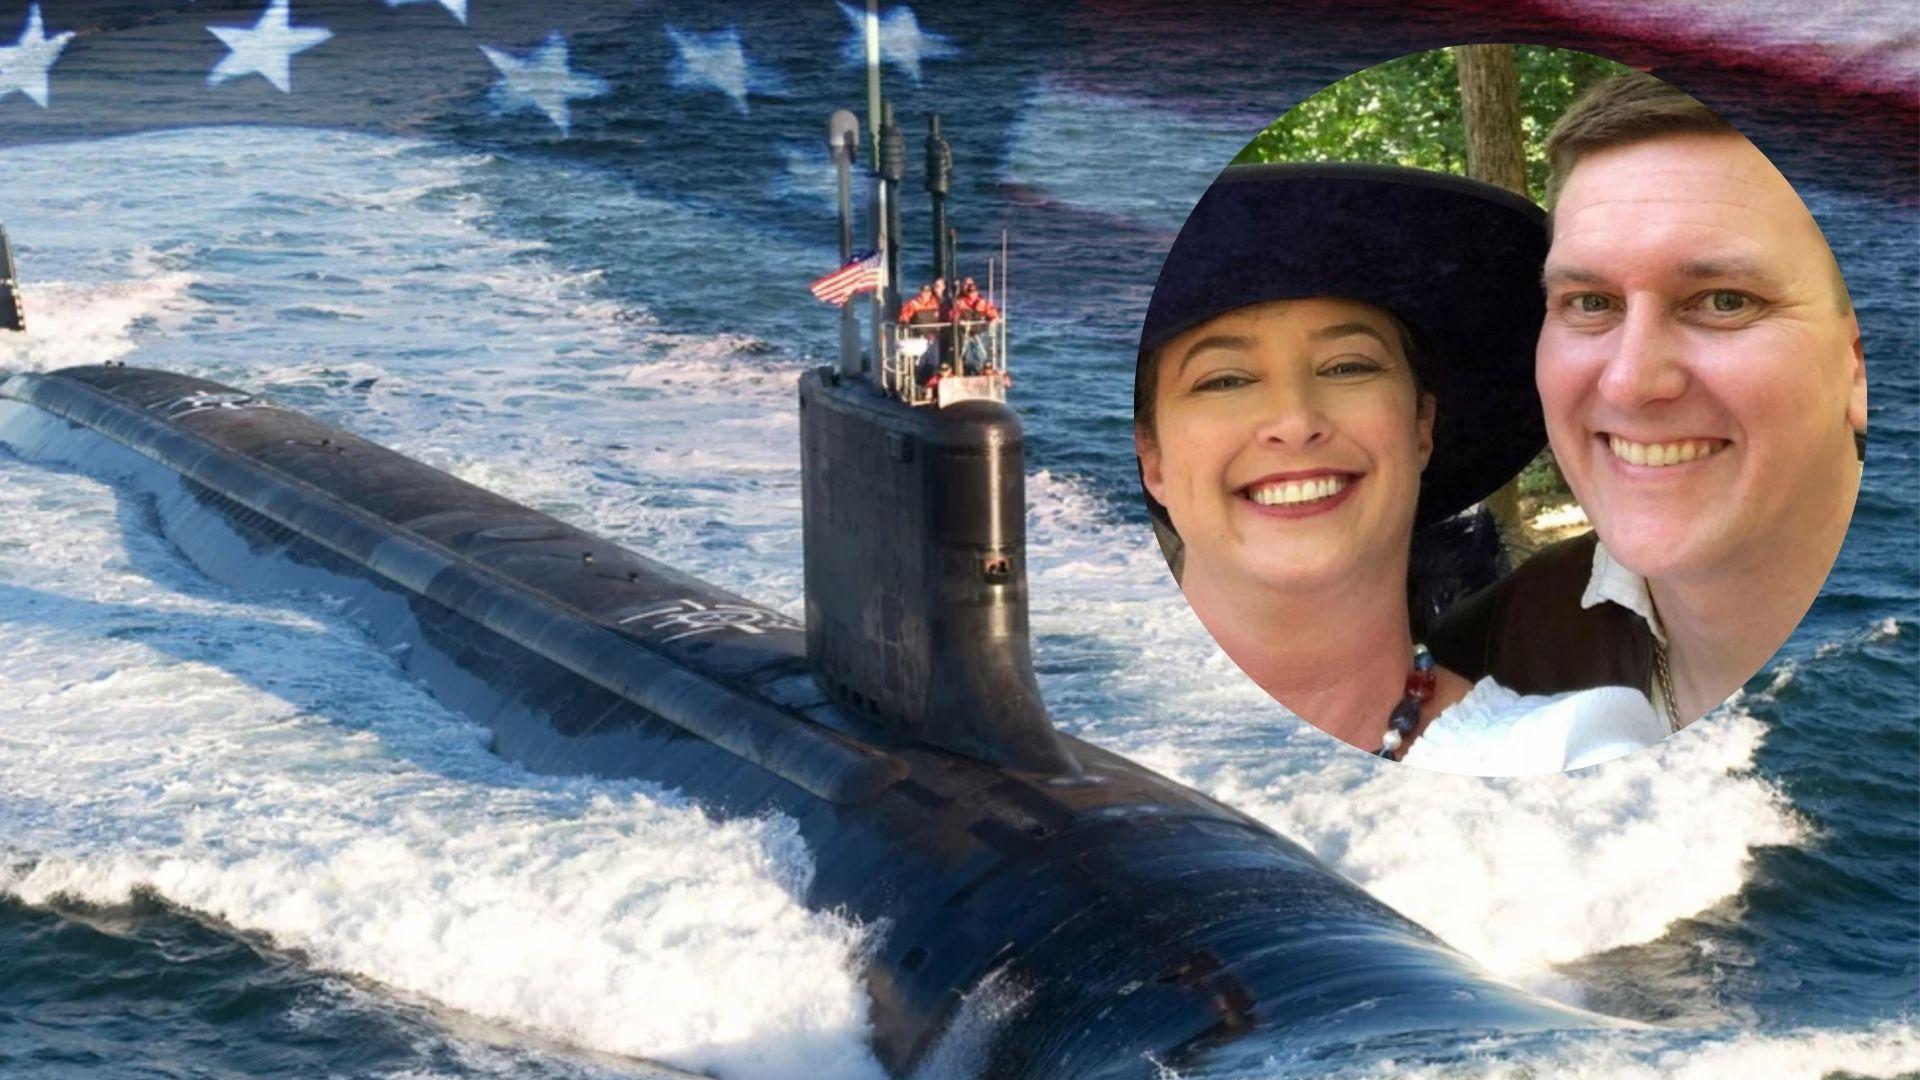 empleado de la marina de eeuu acusado de espionaje: intento vender el diseno de submarinos nucleares a un pais extranjero